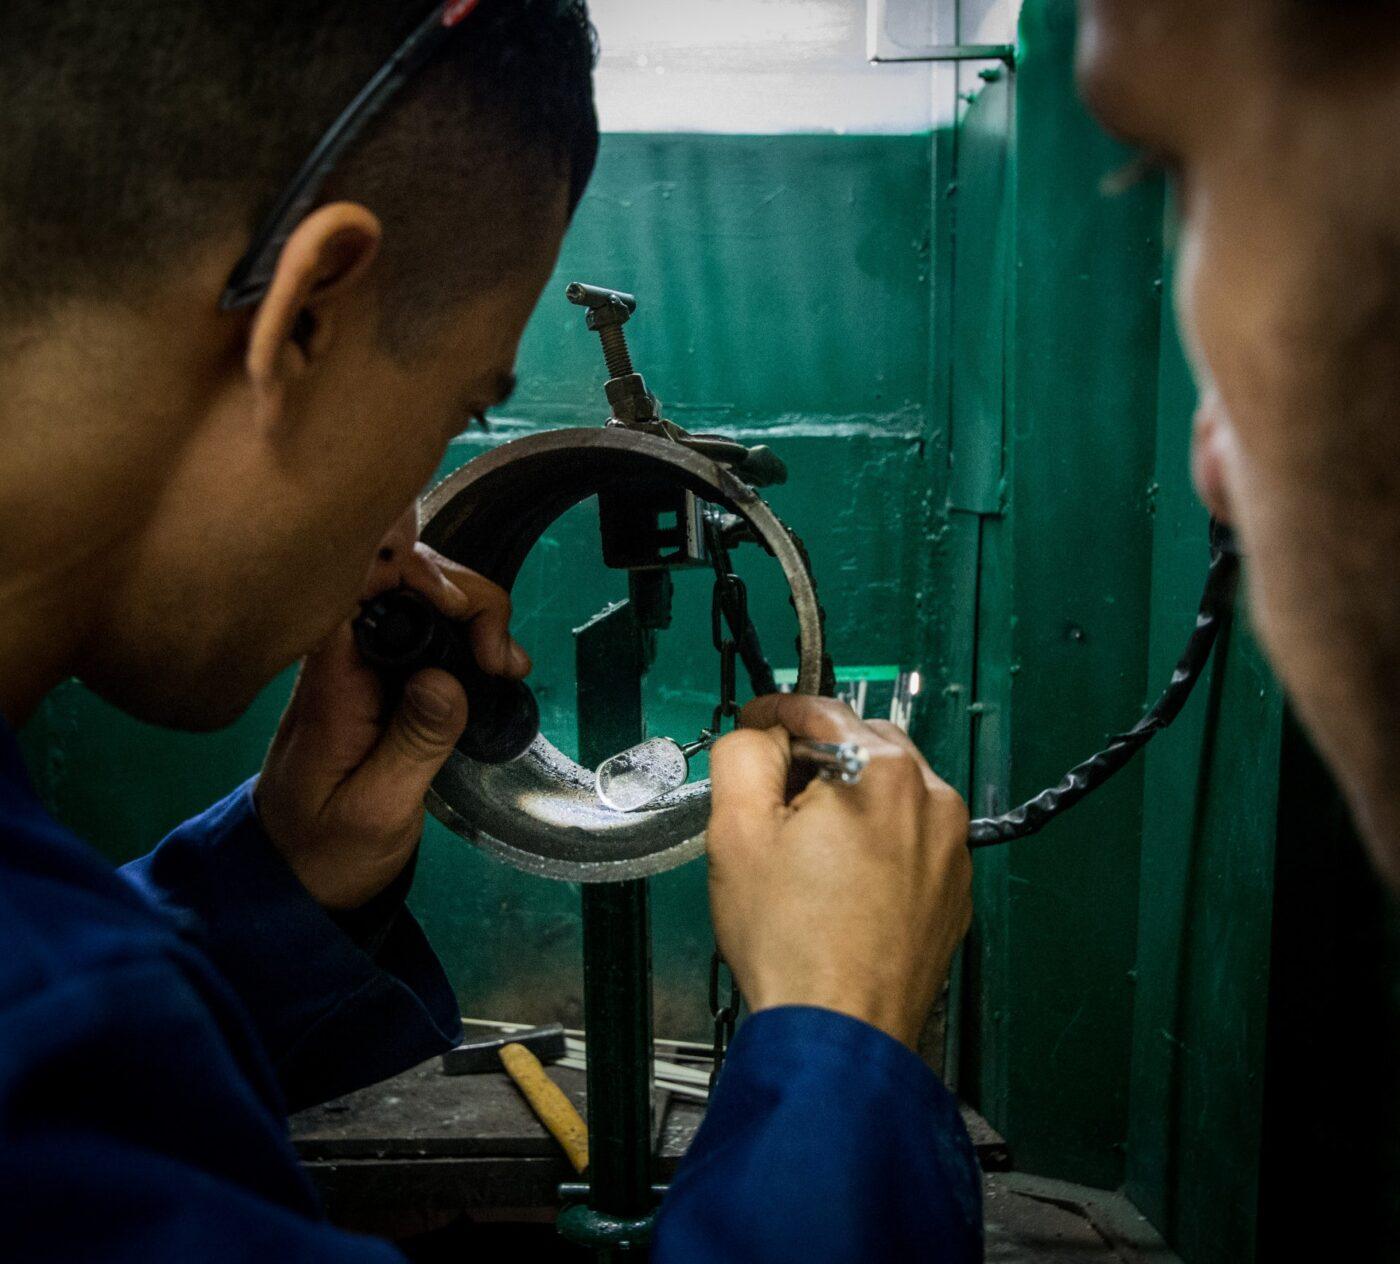 בודק ריתוך 1400x1264 - הדרכת מהנדסים והנדסאים – בשיתוף לשכת המהנדסים